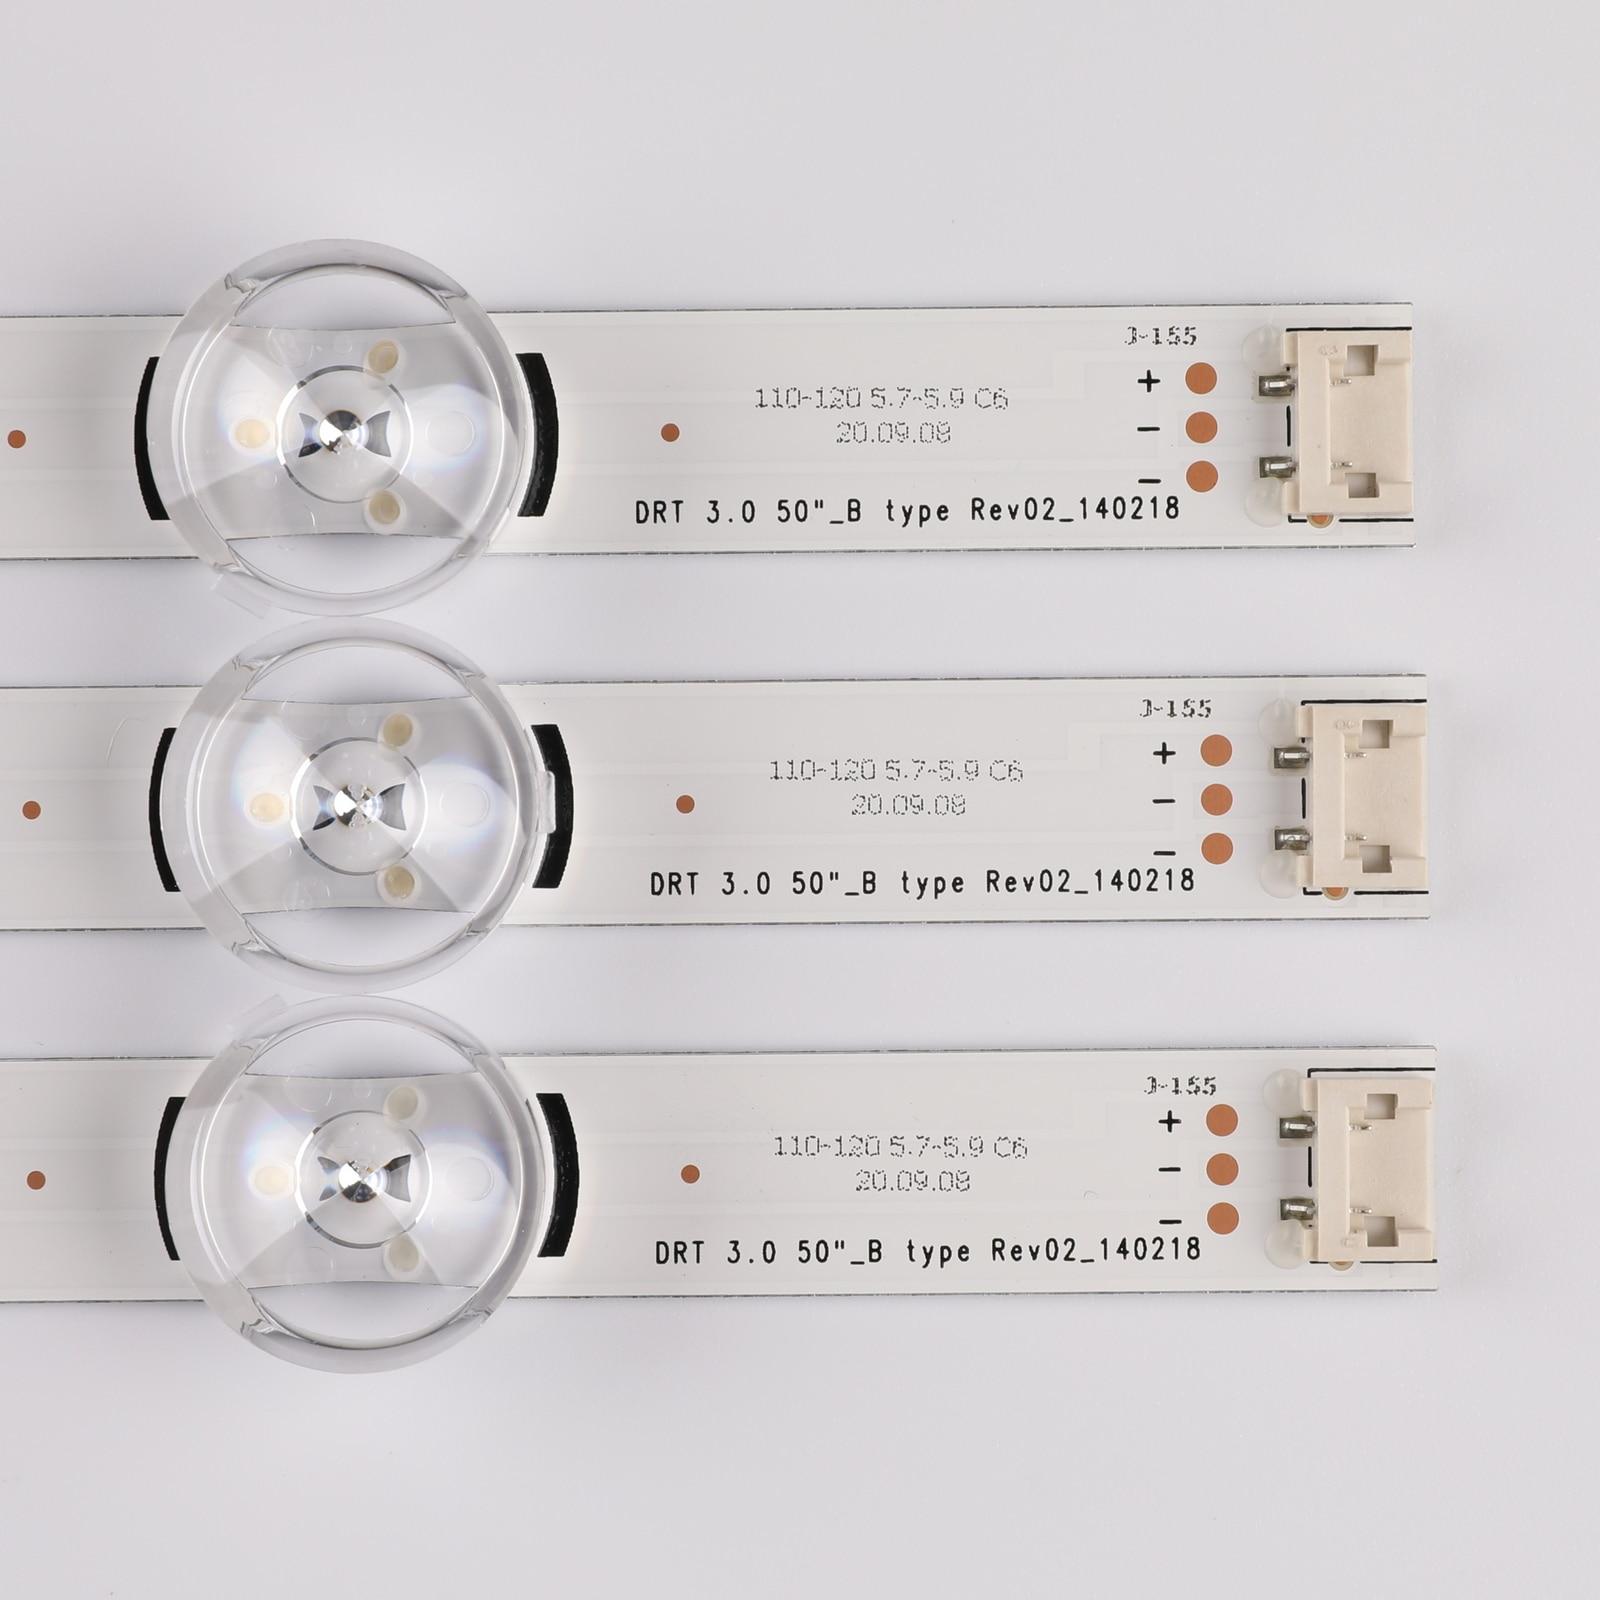 (جديد الأصلي) 10 قطعة/المجموعة LED قطاع ل LG 50LB650V 50LF6000 INNOTEK DRT 3.0 50 بوصة ab 6916L-1982A 1983A 6916L-1781A 1782A